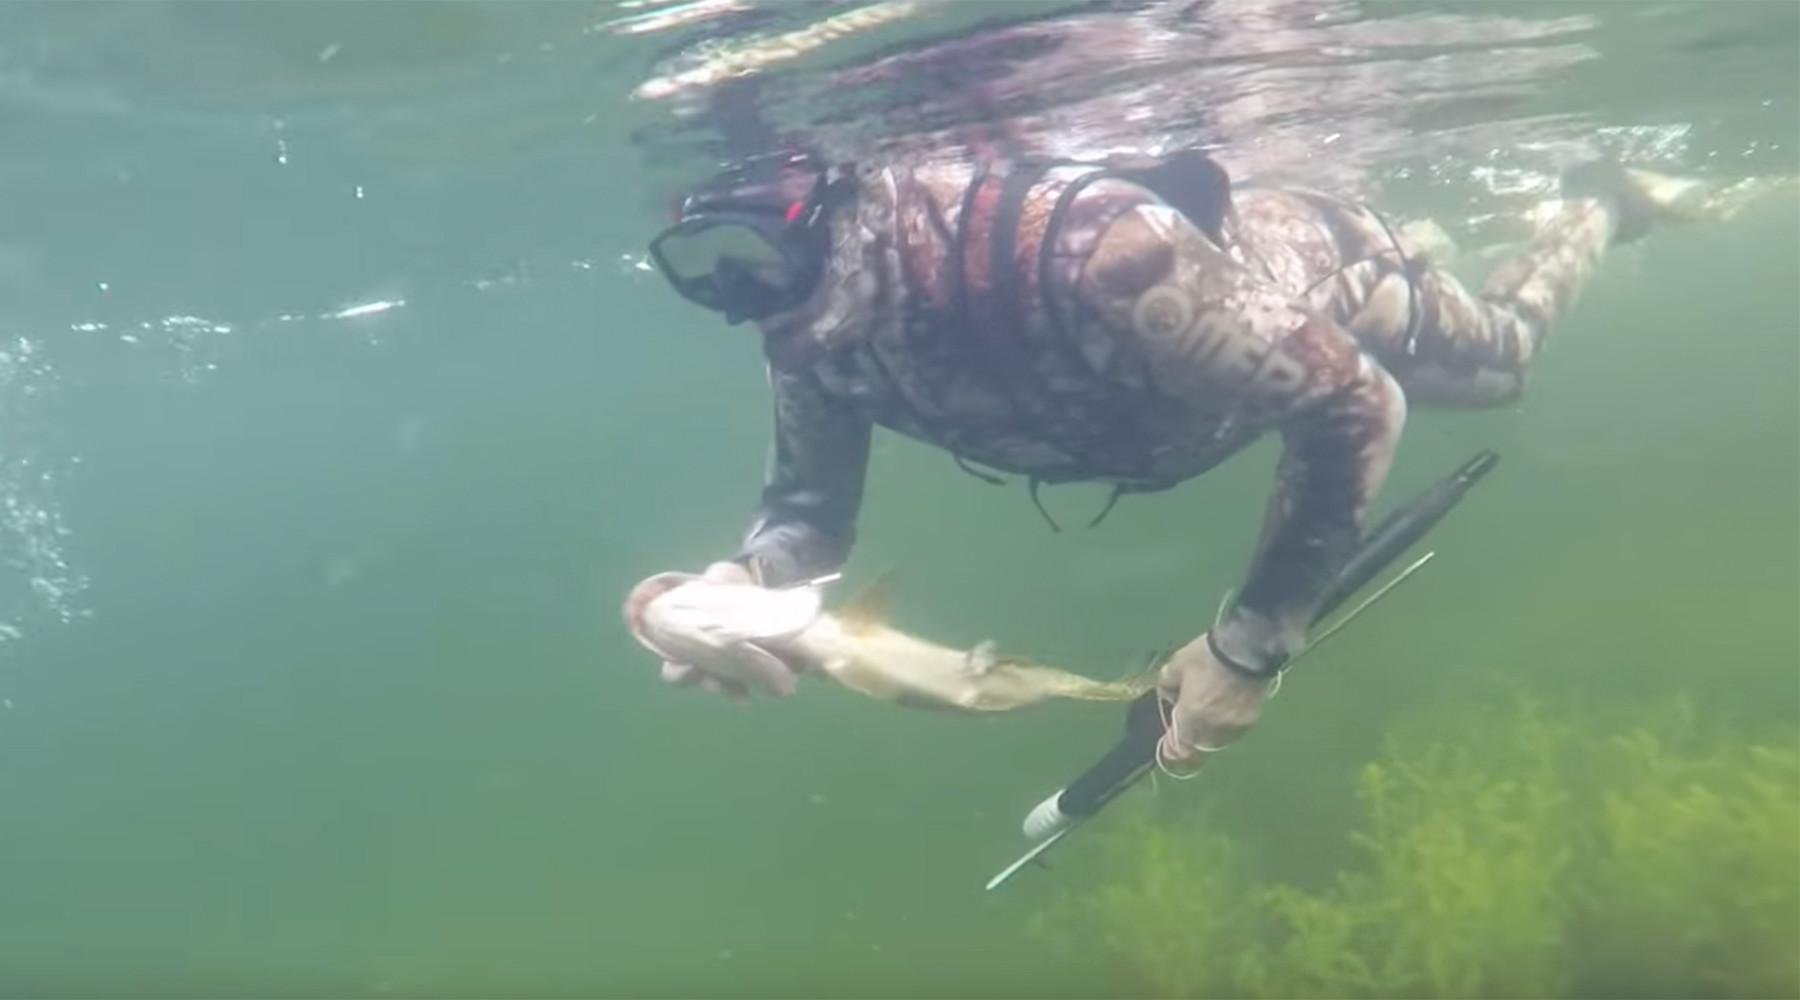 охота и рыбалка под водой видео